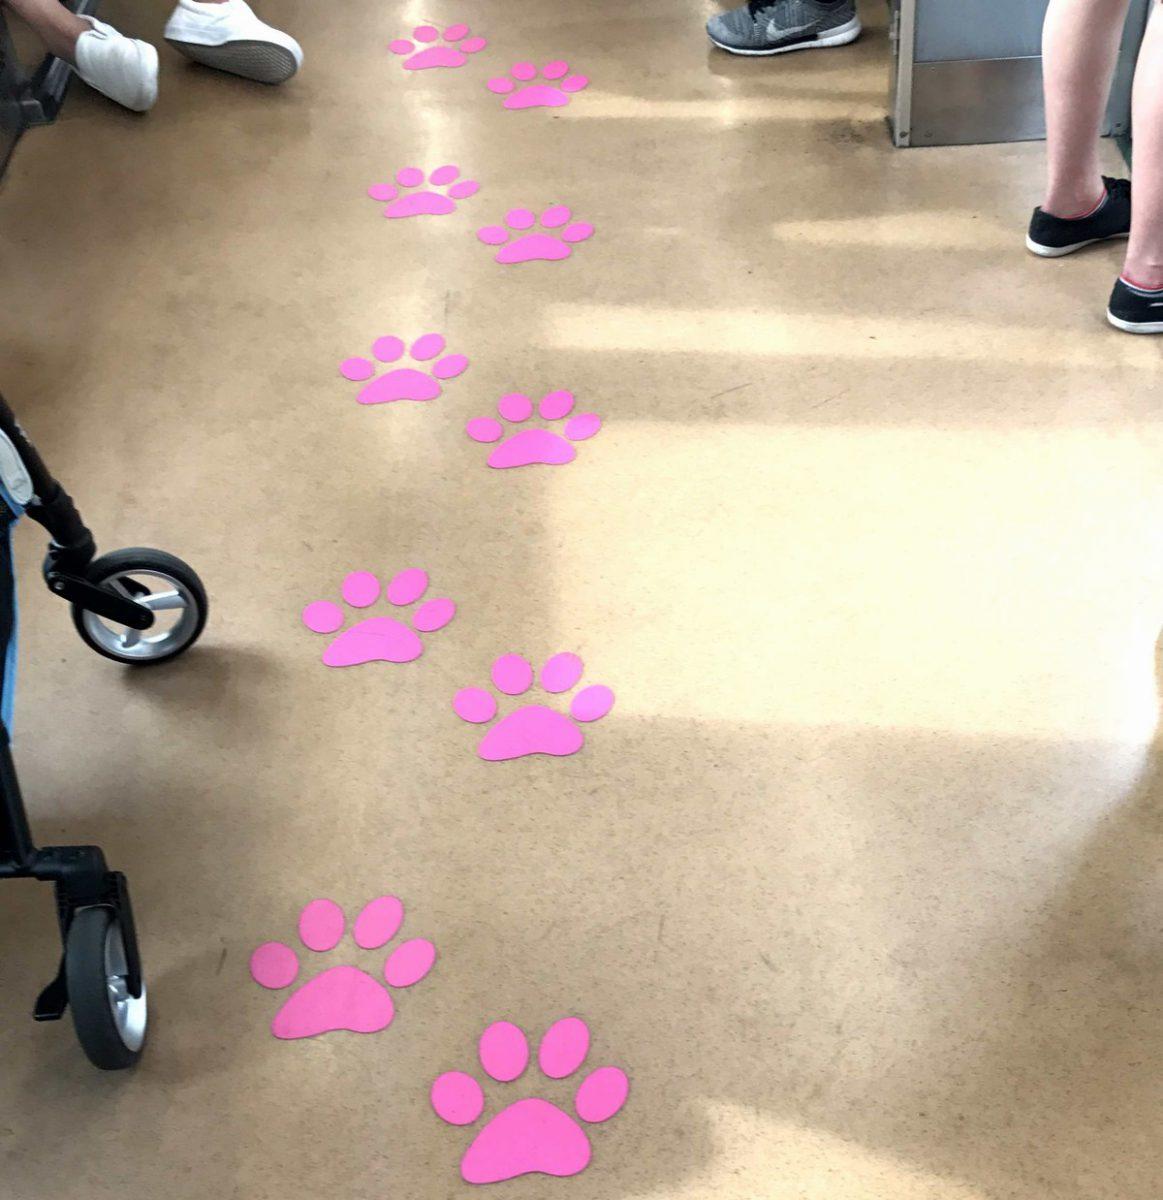 猫電車の猫の足跡